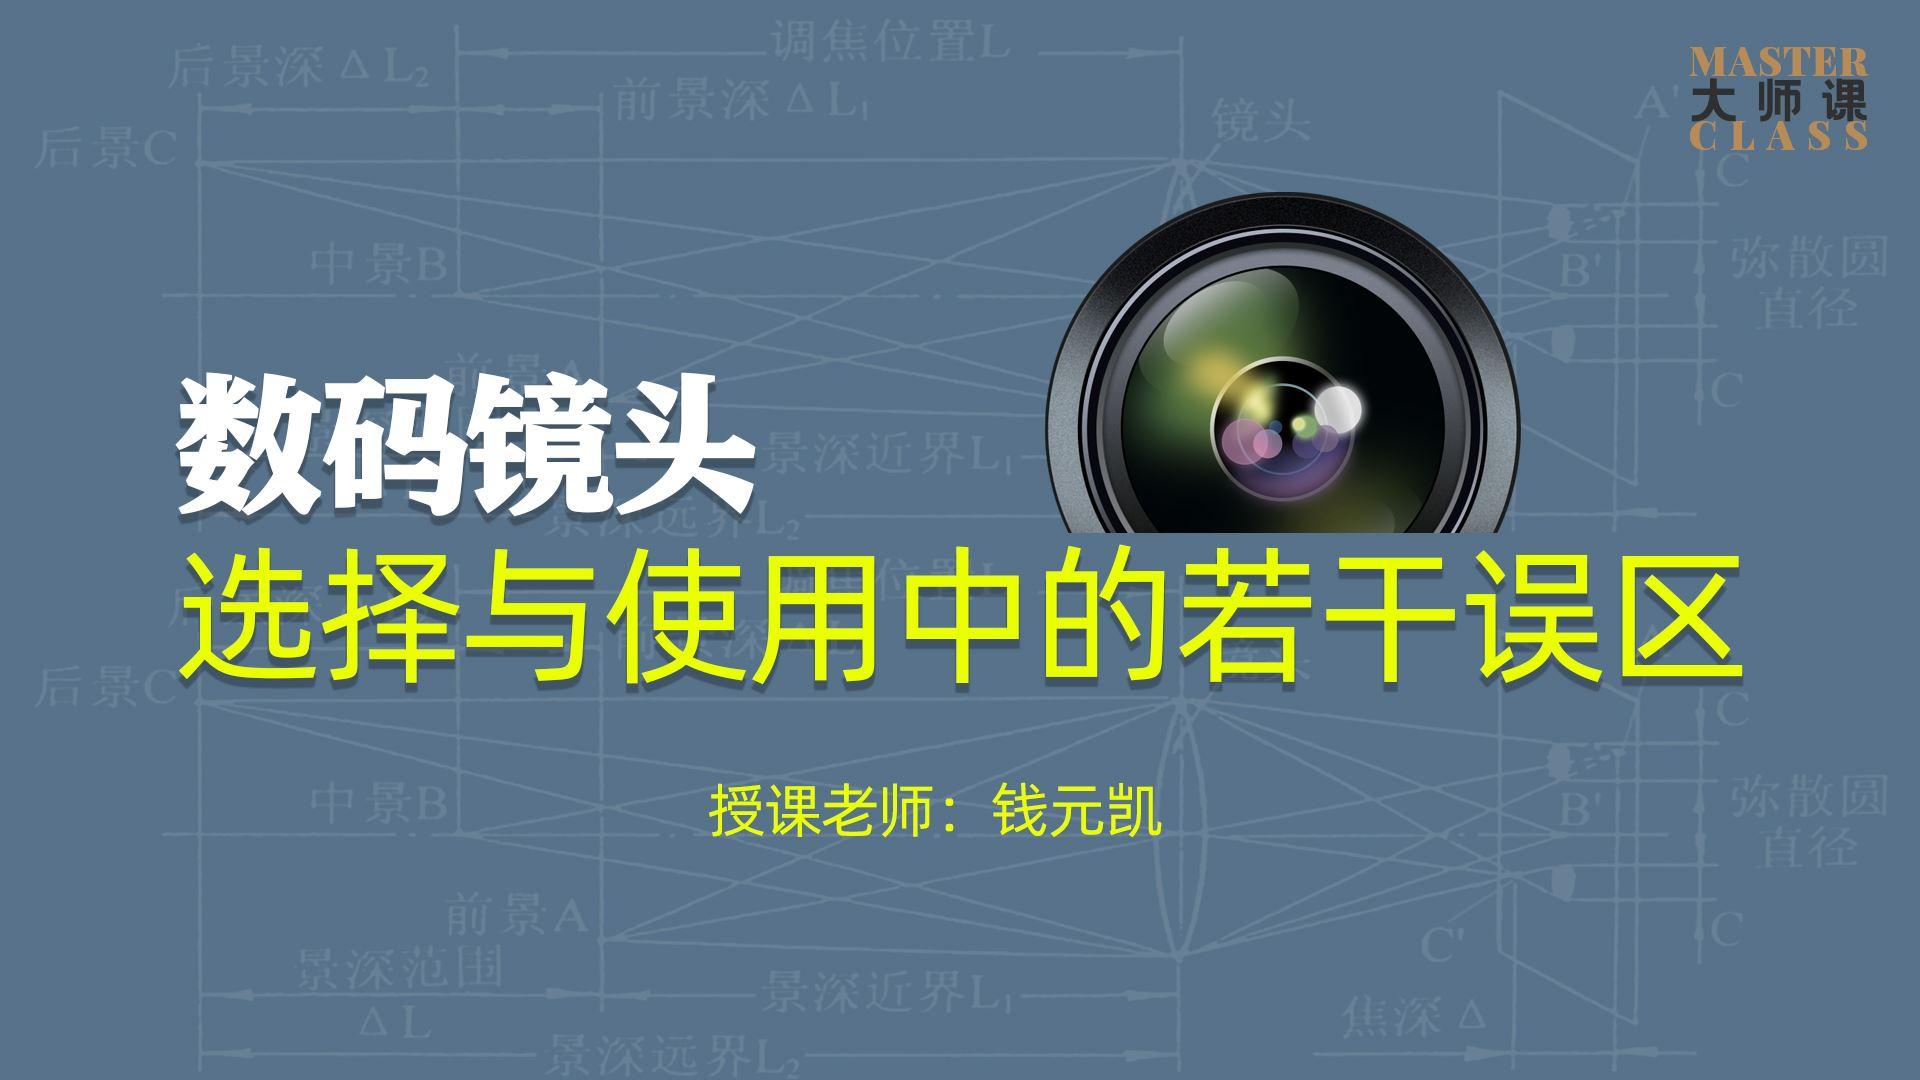 (大师课)数码镜头选择与使用中的误区